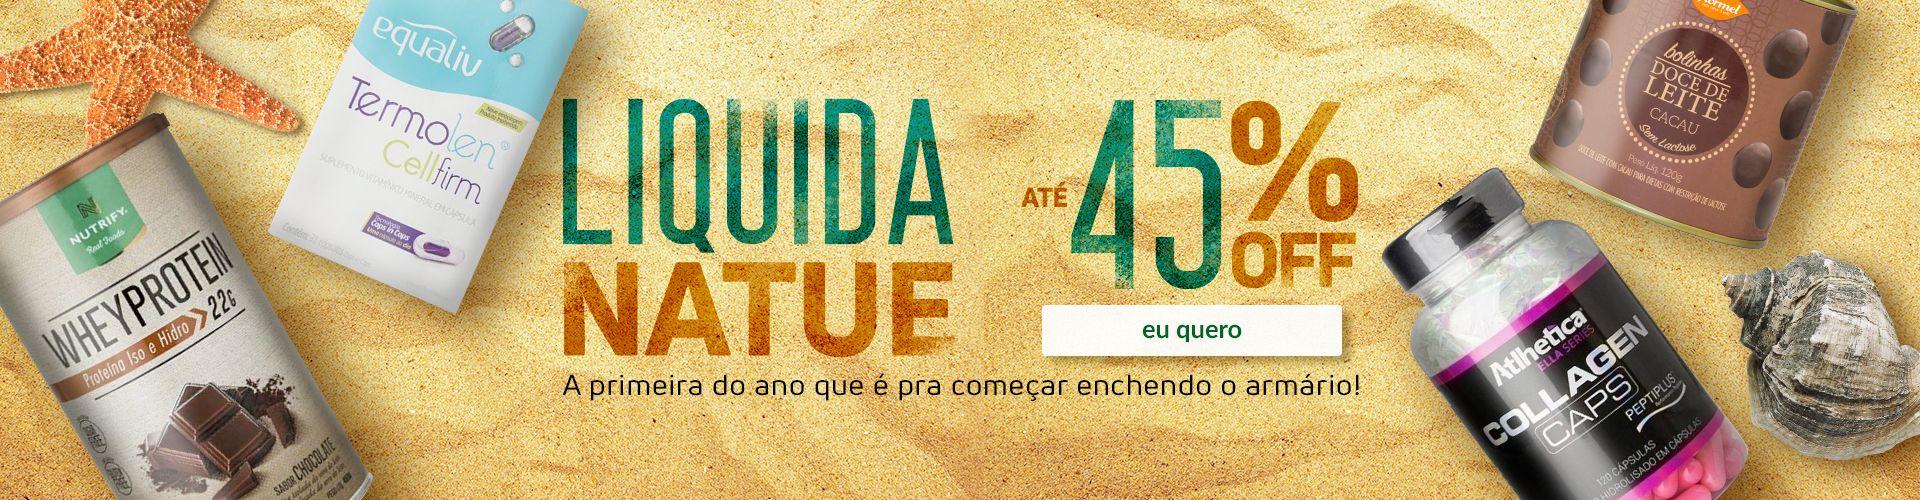 Natuebr